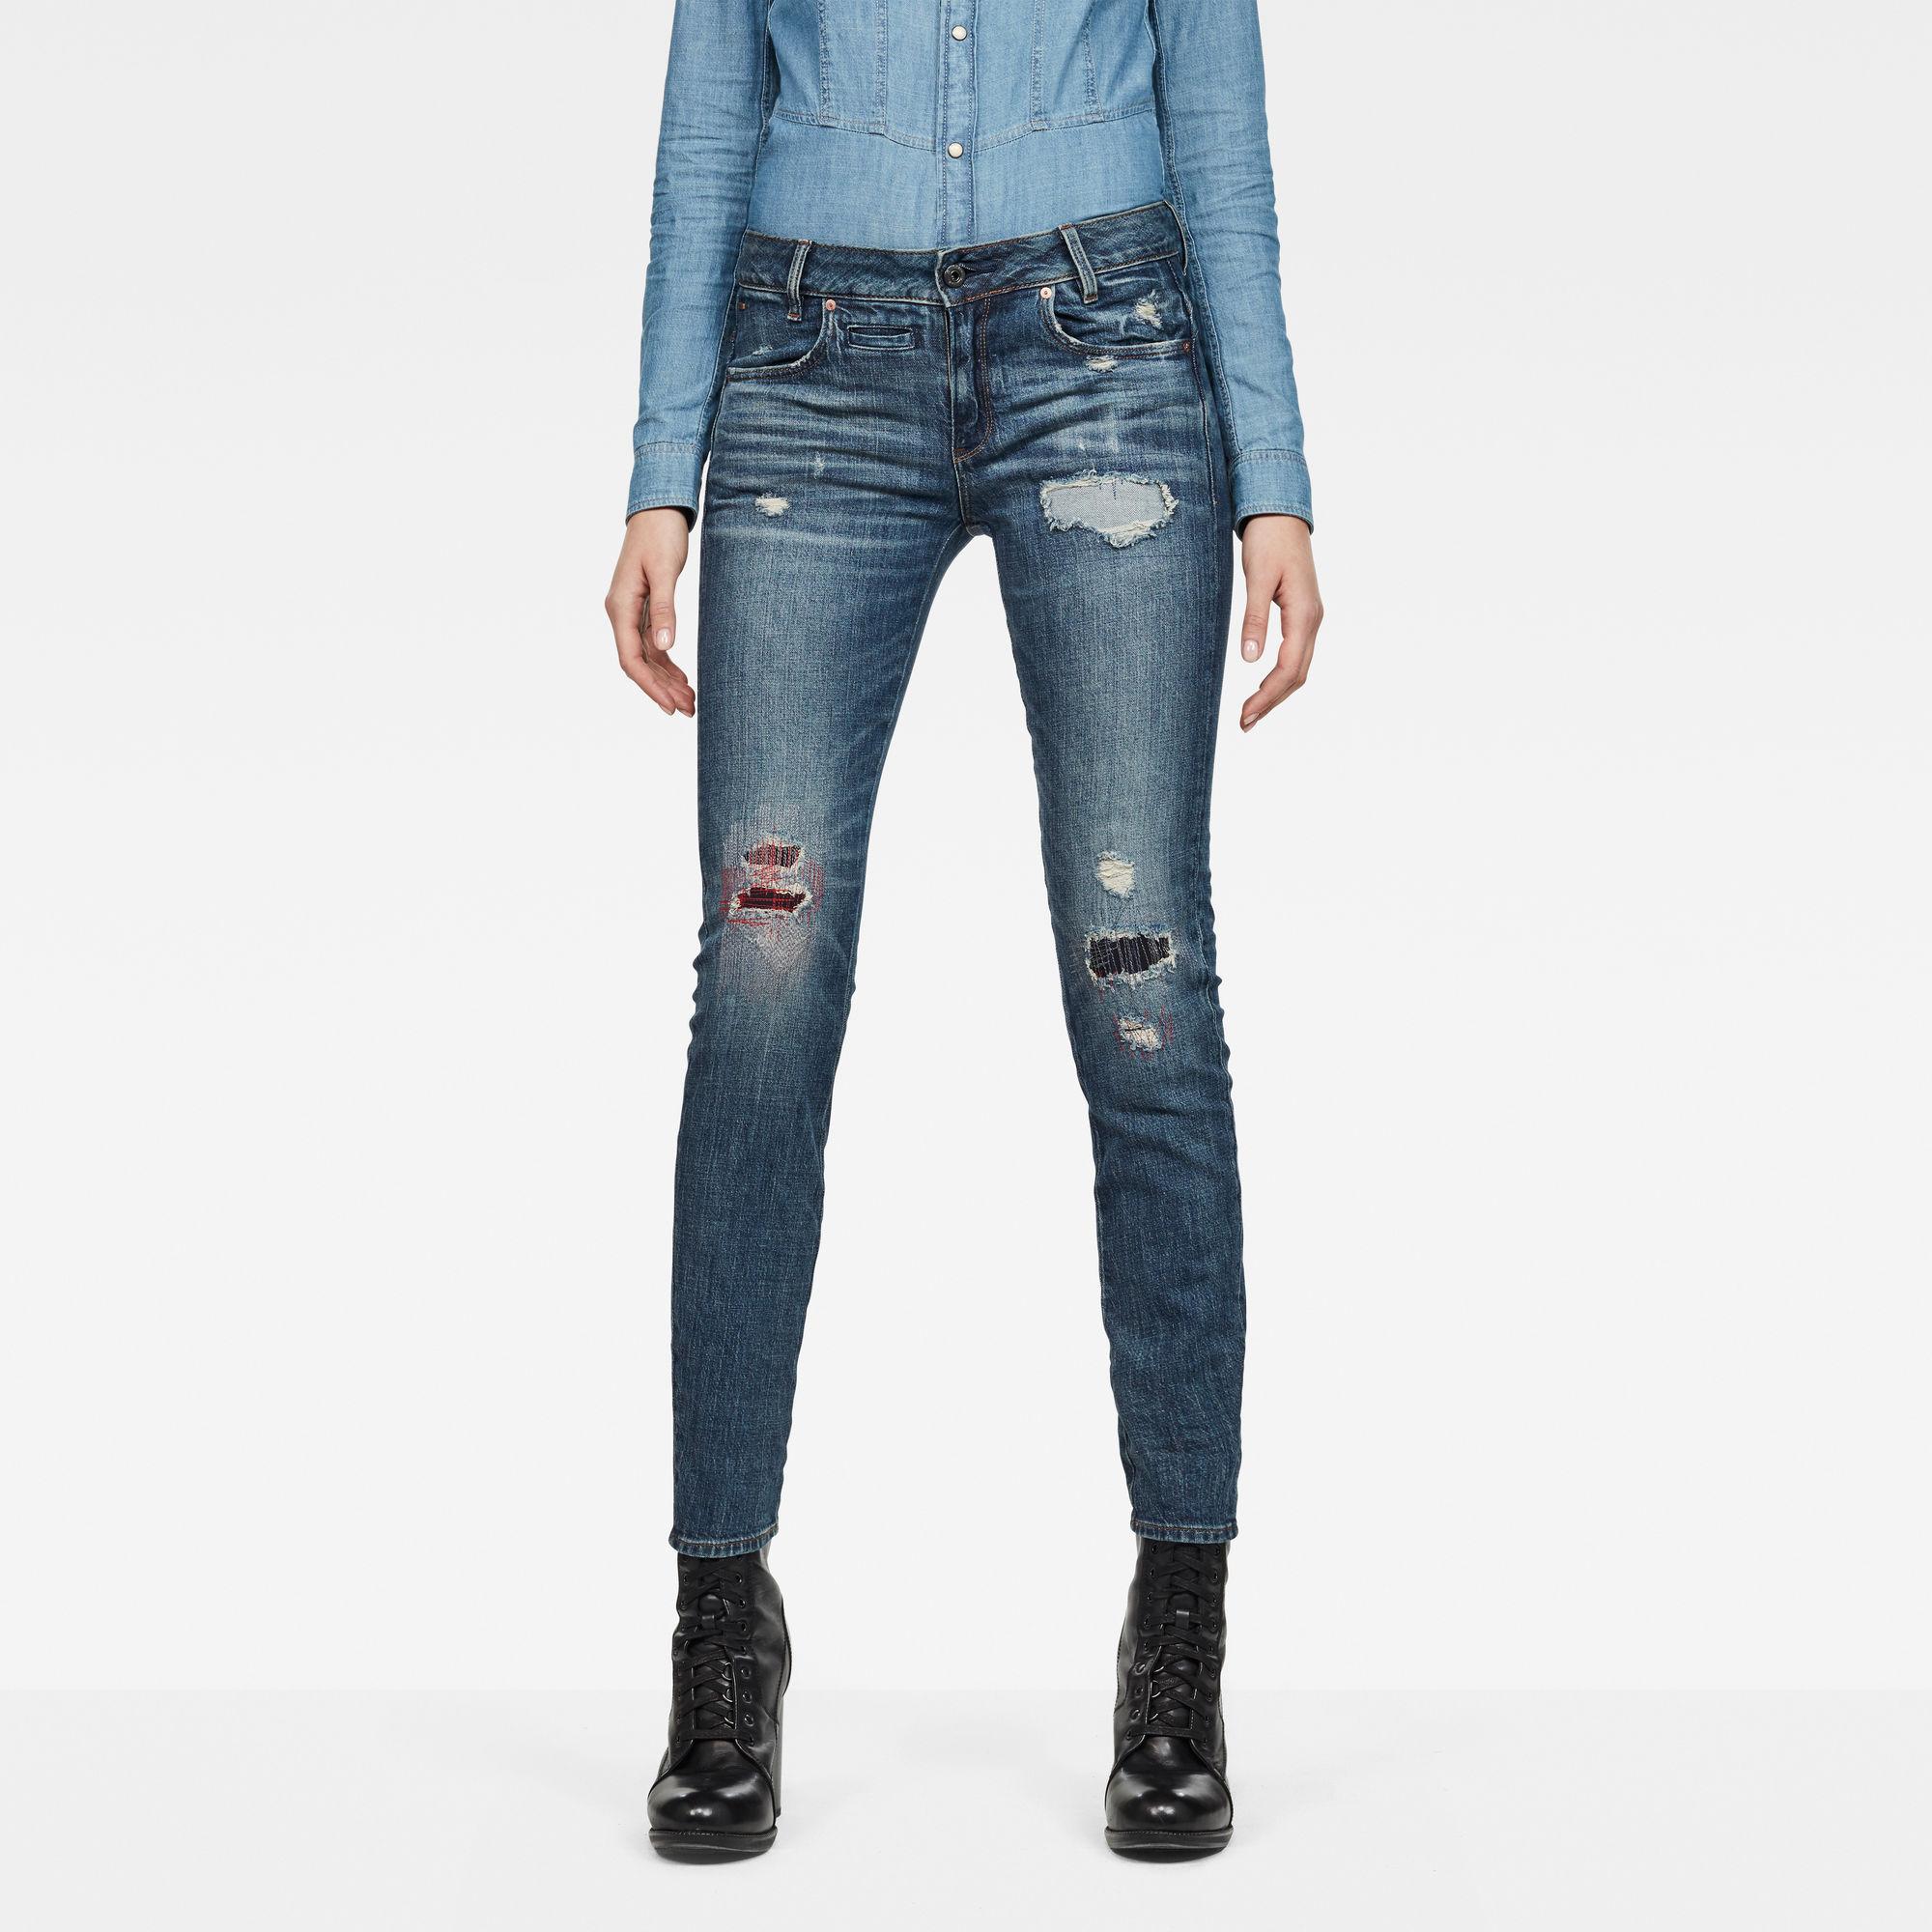 Raw Essentials D-Staq 5-Pocket Mid-Waist Skinny Jeans